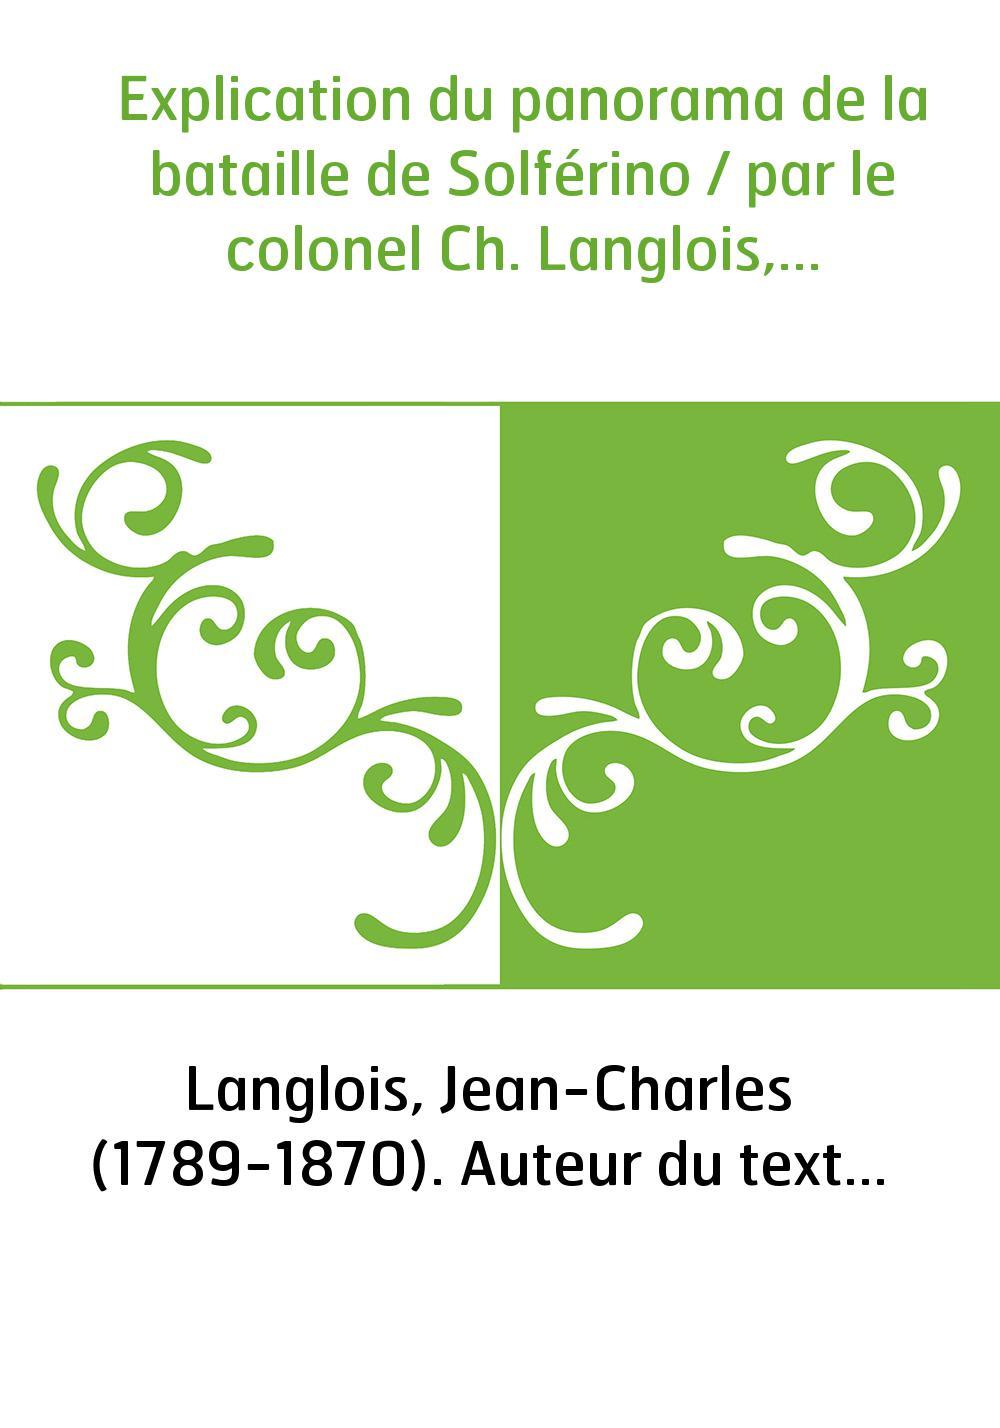 Explication du panorama de la bataille de Solférino / par le colonel Ch. Langlois,...